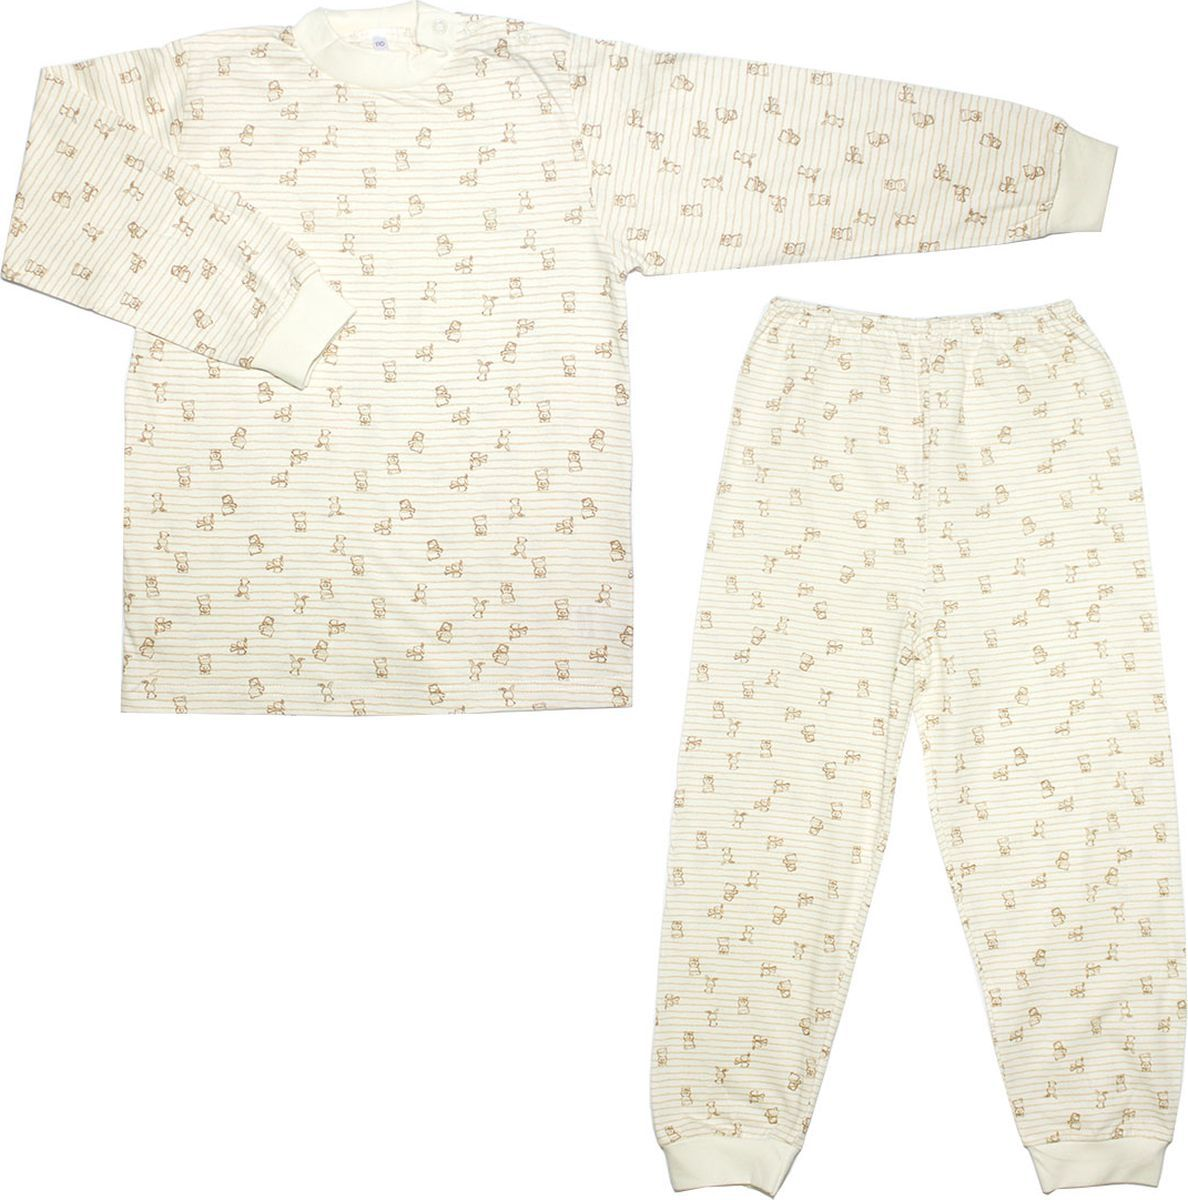 Пижама детская Осьминожка, цвет: молочный, бежевый. 116-20. Размер 116 dress 92 116 cm